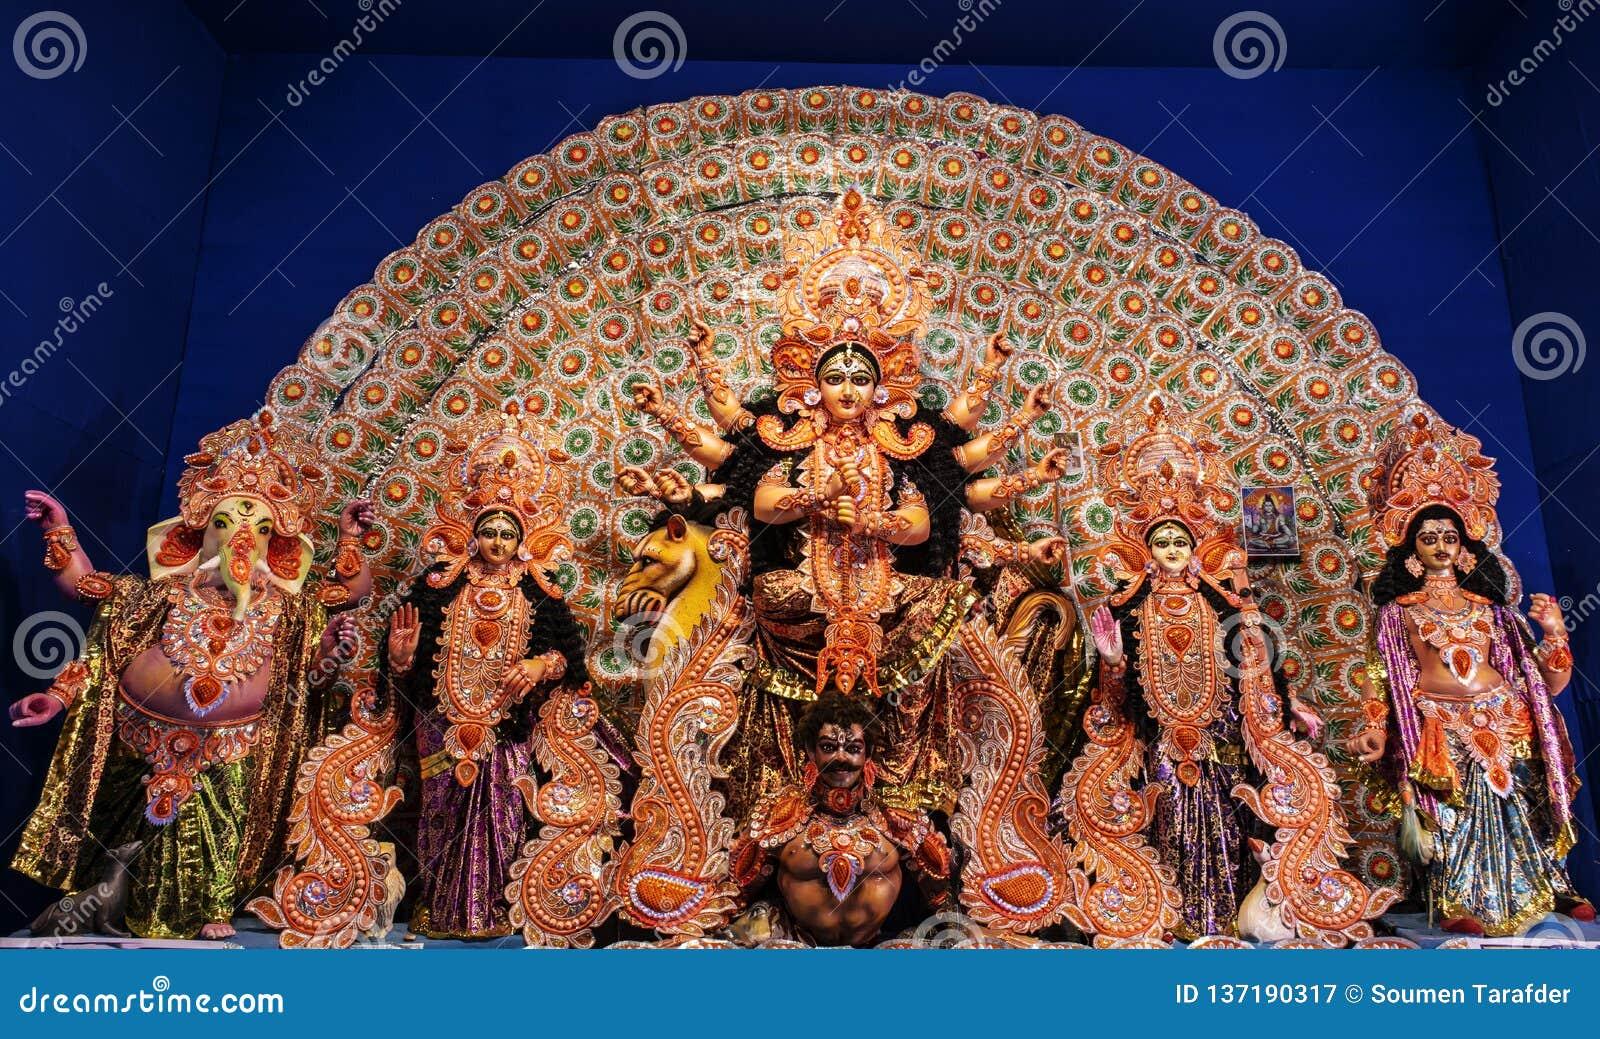 女神杜尔加:杜尔加Puja是在西孟加拉邦庆祝的那个最著名的节日,阿萨姆邦,特里普拉并且现在是庆祝的w